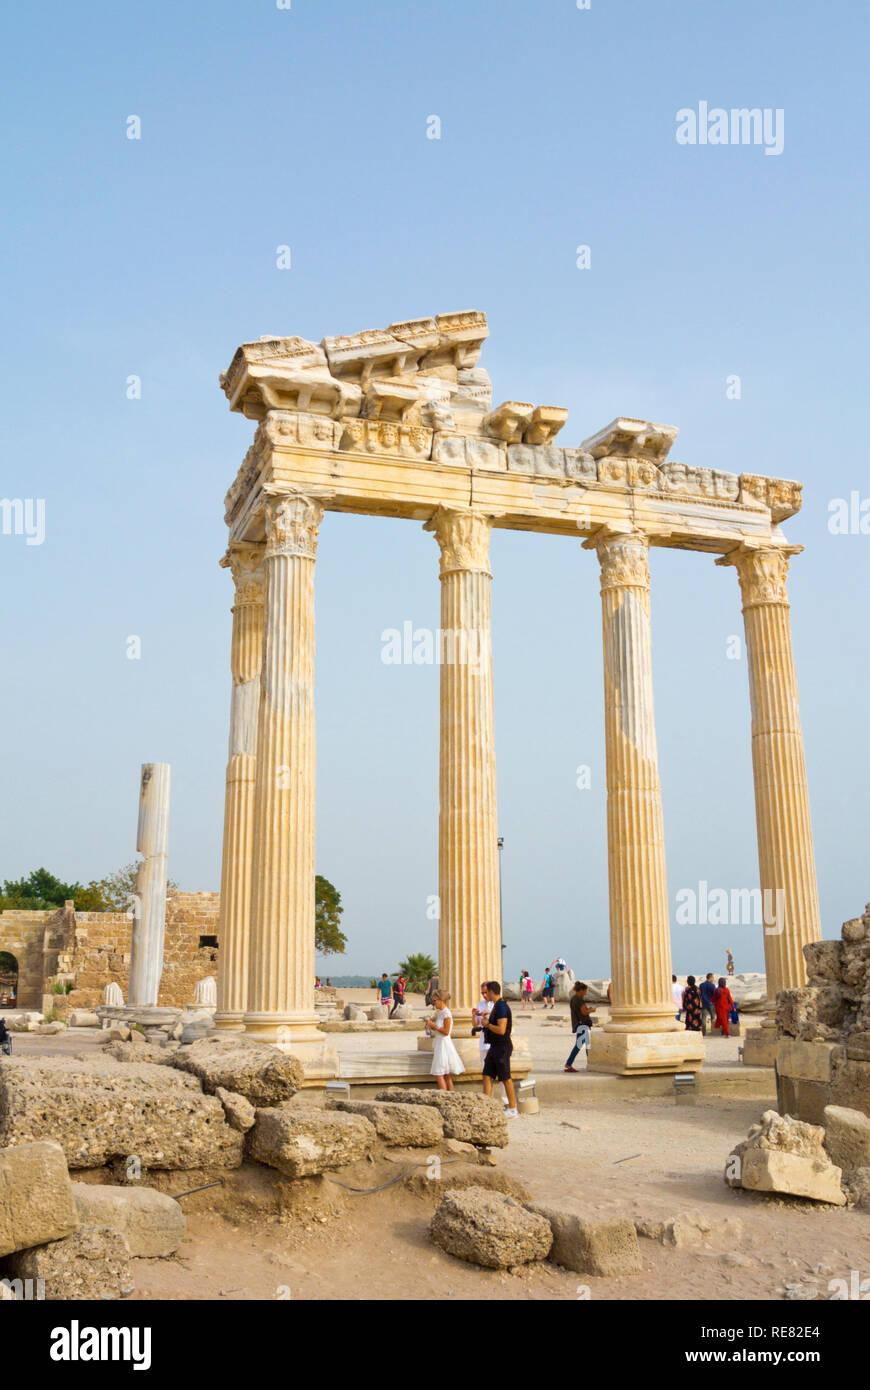 Temple of Apollo, Athena area, Side, Turkey, Eurasia - Stock Image